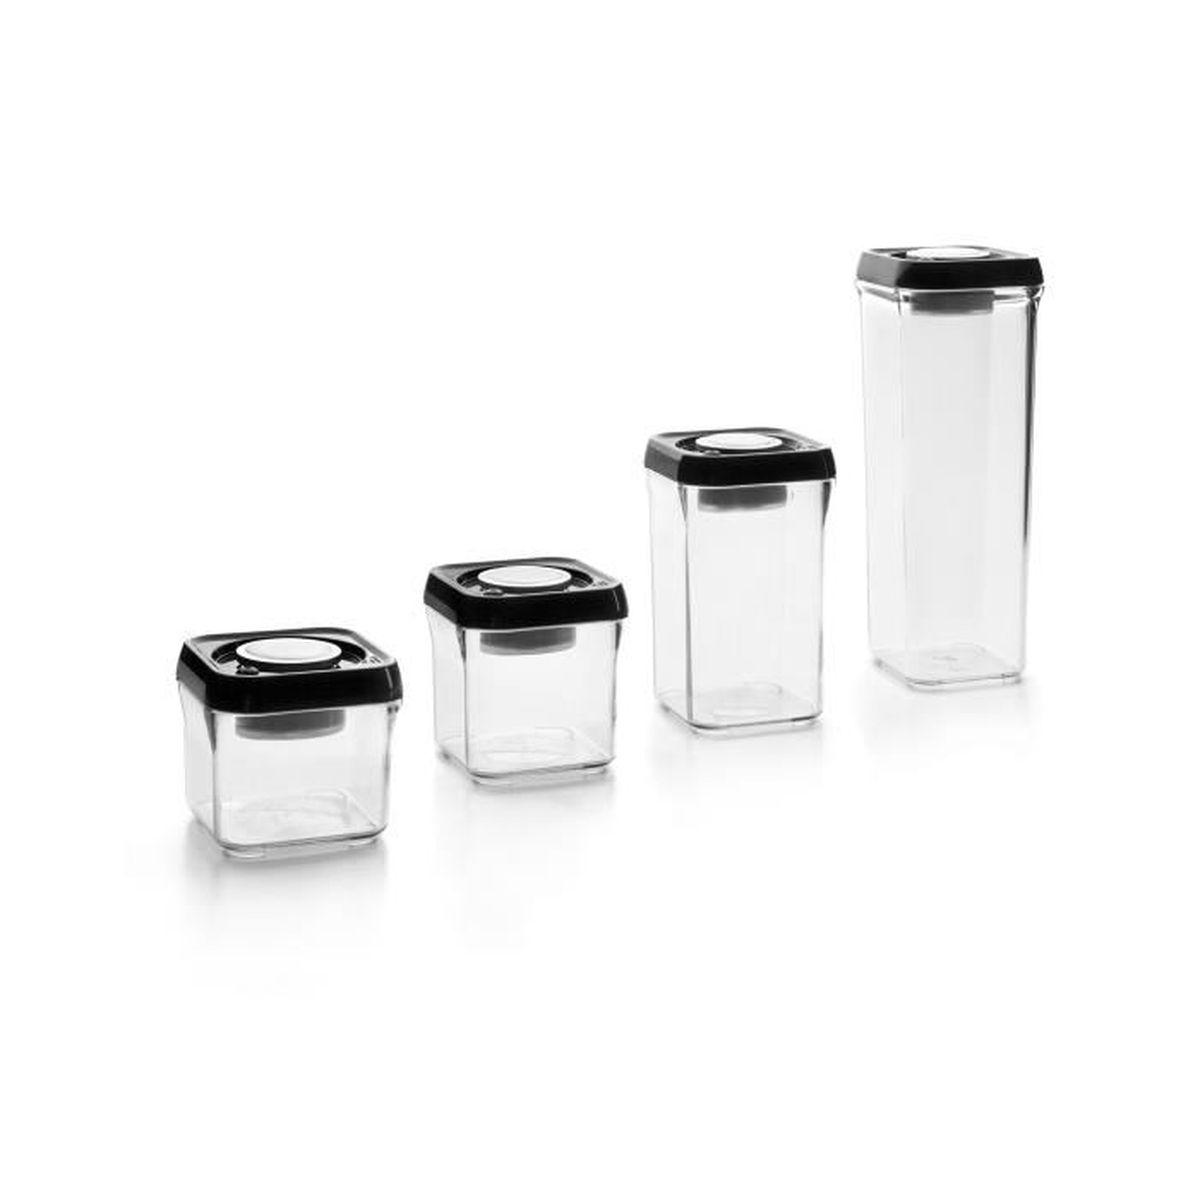 Boite Rangement Hermétique Cave boite alimentaire 100% vide-parfait empilable carree - plastique + inox  18/10. systeme de pompe a vide integre au couvercle - con